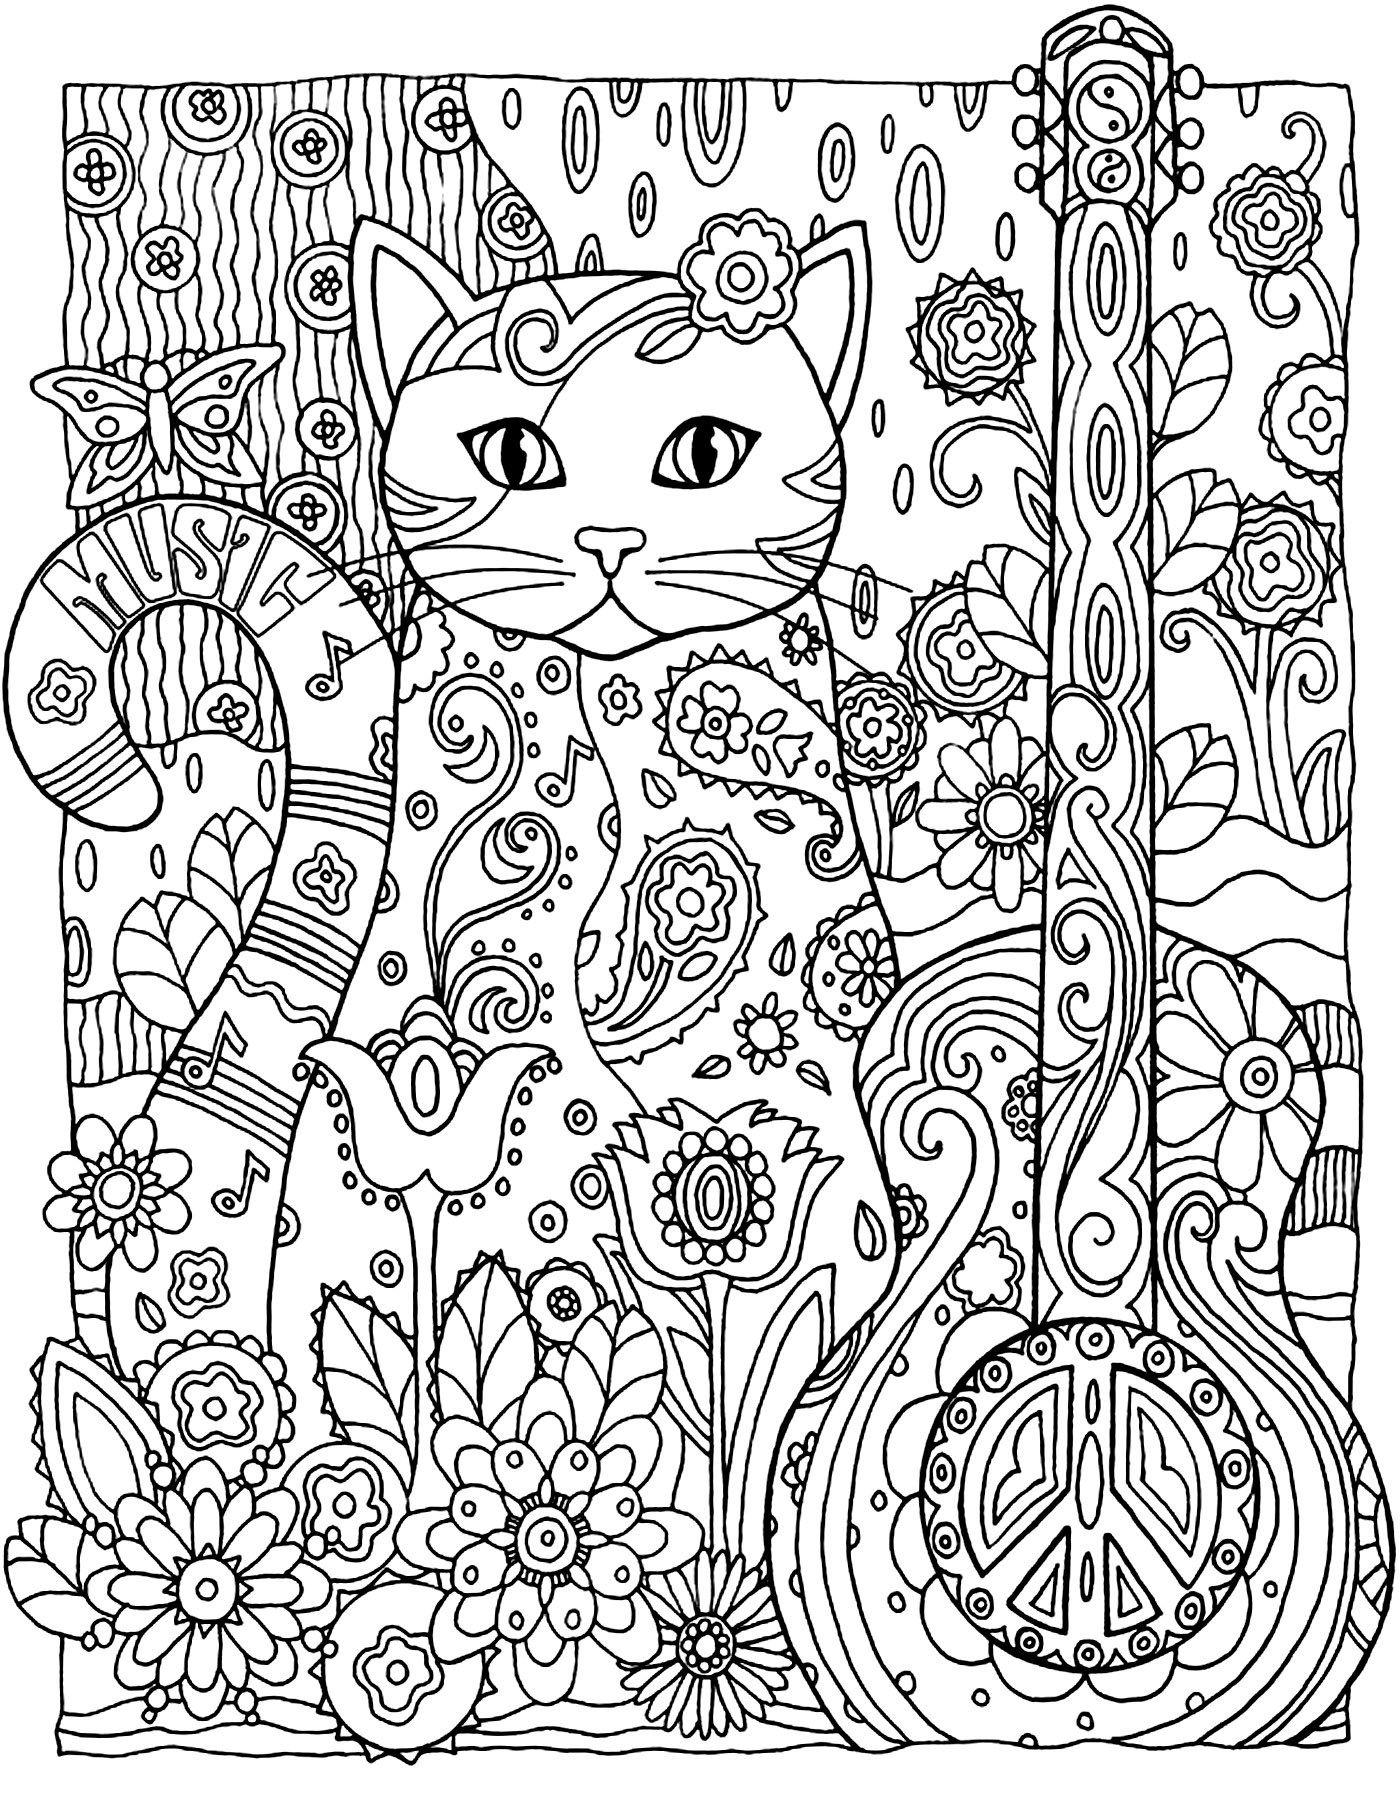 Katzen Ausmalbilder Für Erwachsene : Imagenes Mandala Para Colorear 4 Jpg 1400 1798 Para Mestros